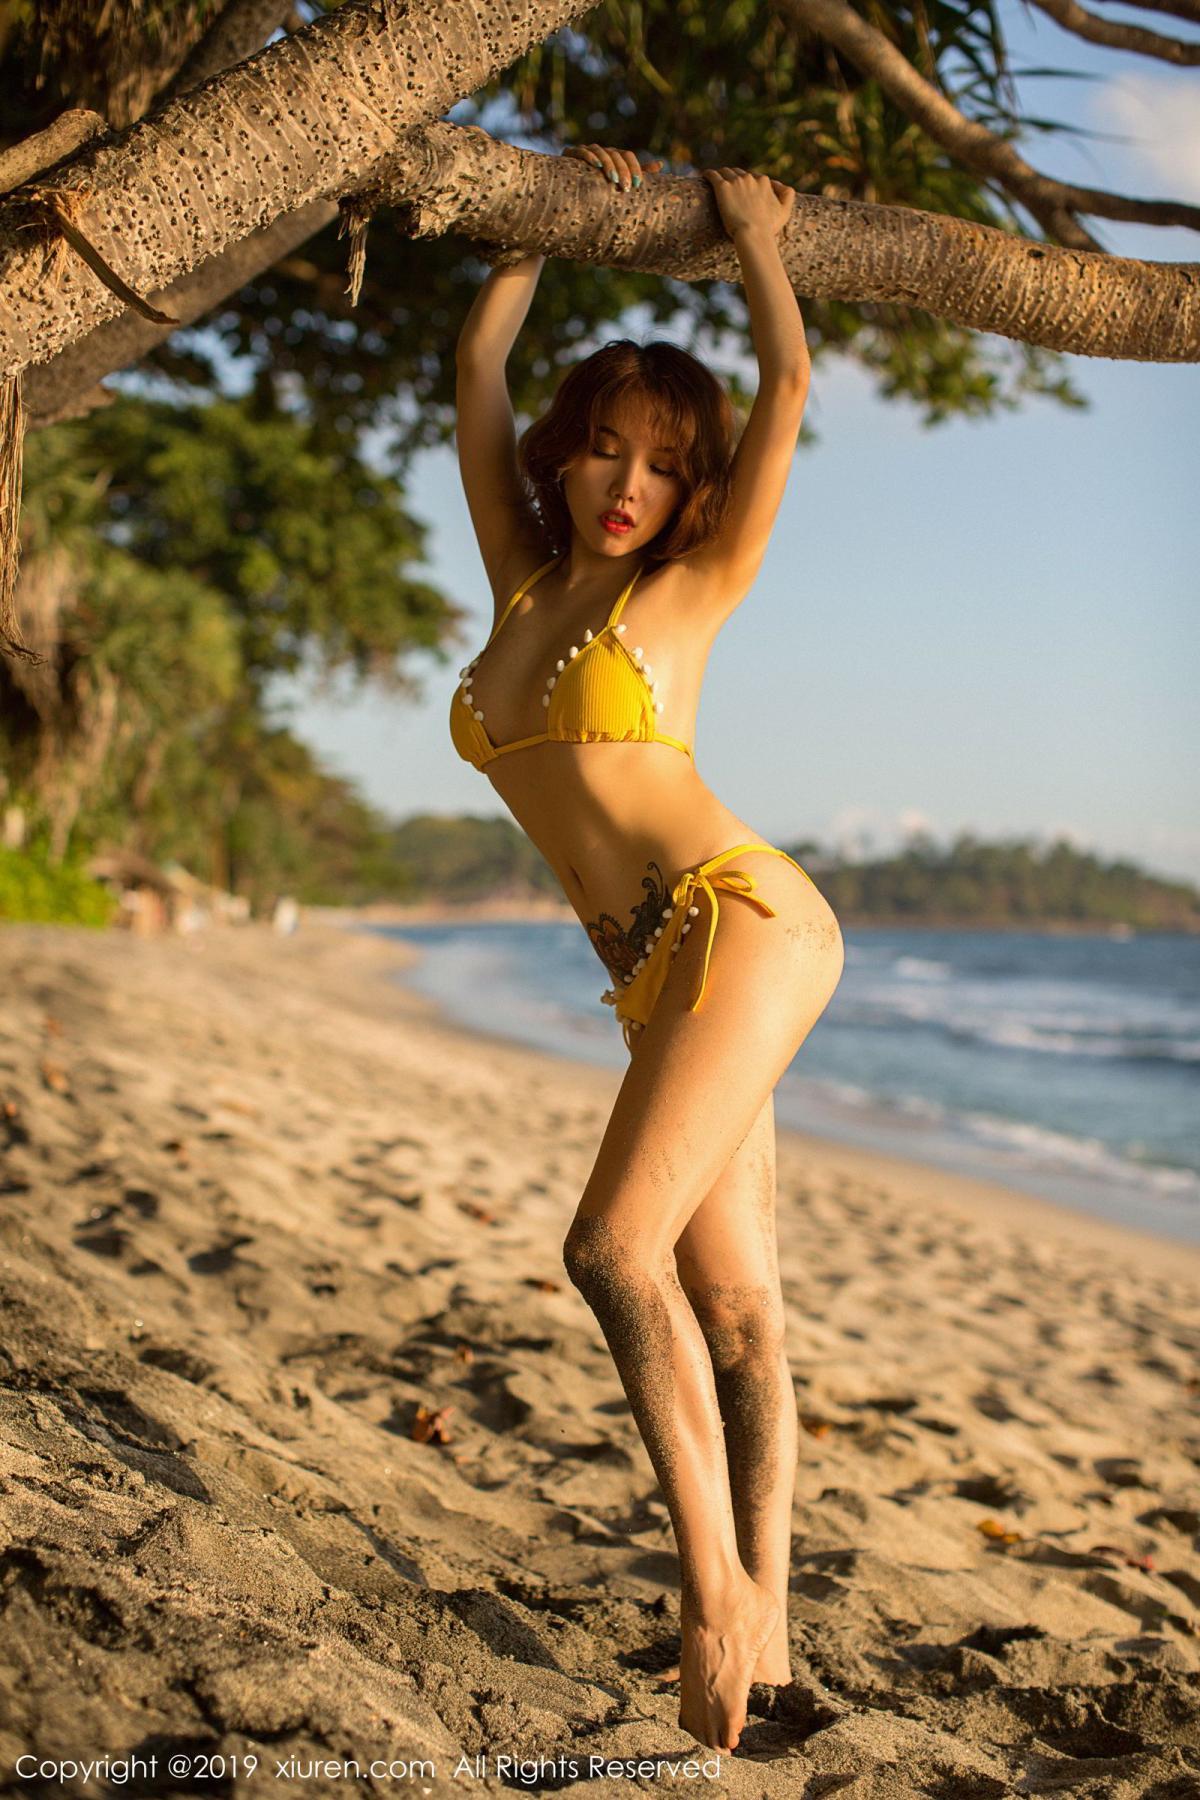 [XiuRen] Vol.1551 Huang Le Ran 15P, Beach, Bikini, Huang Le Ran, Xiuren